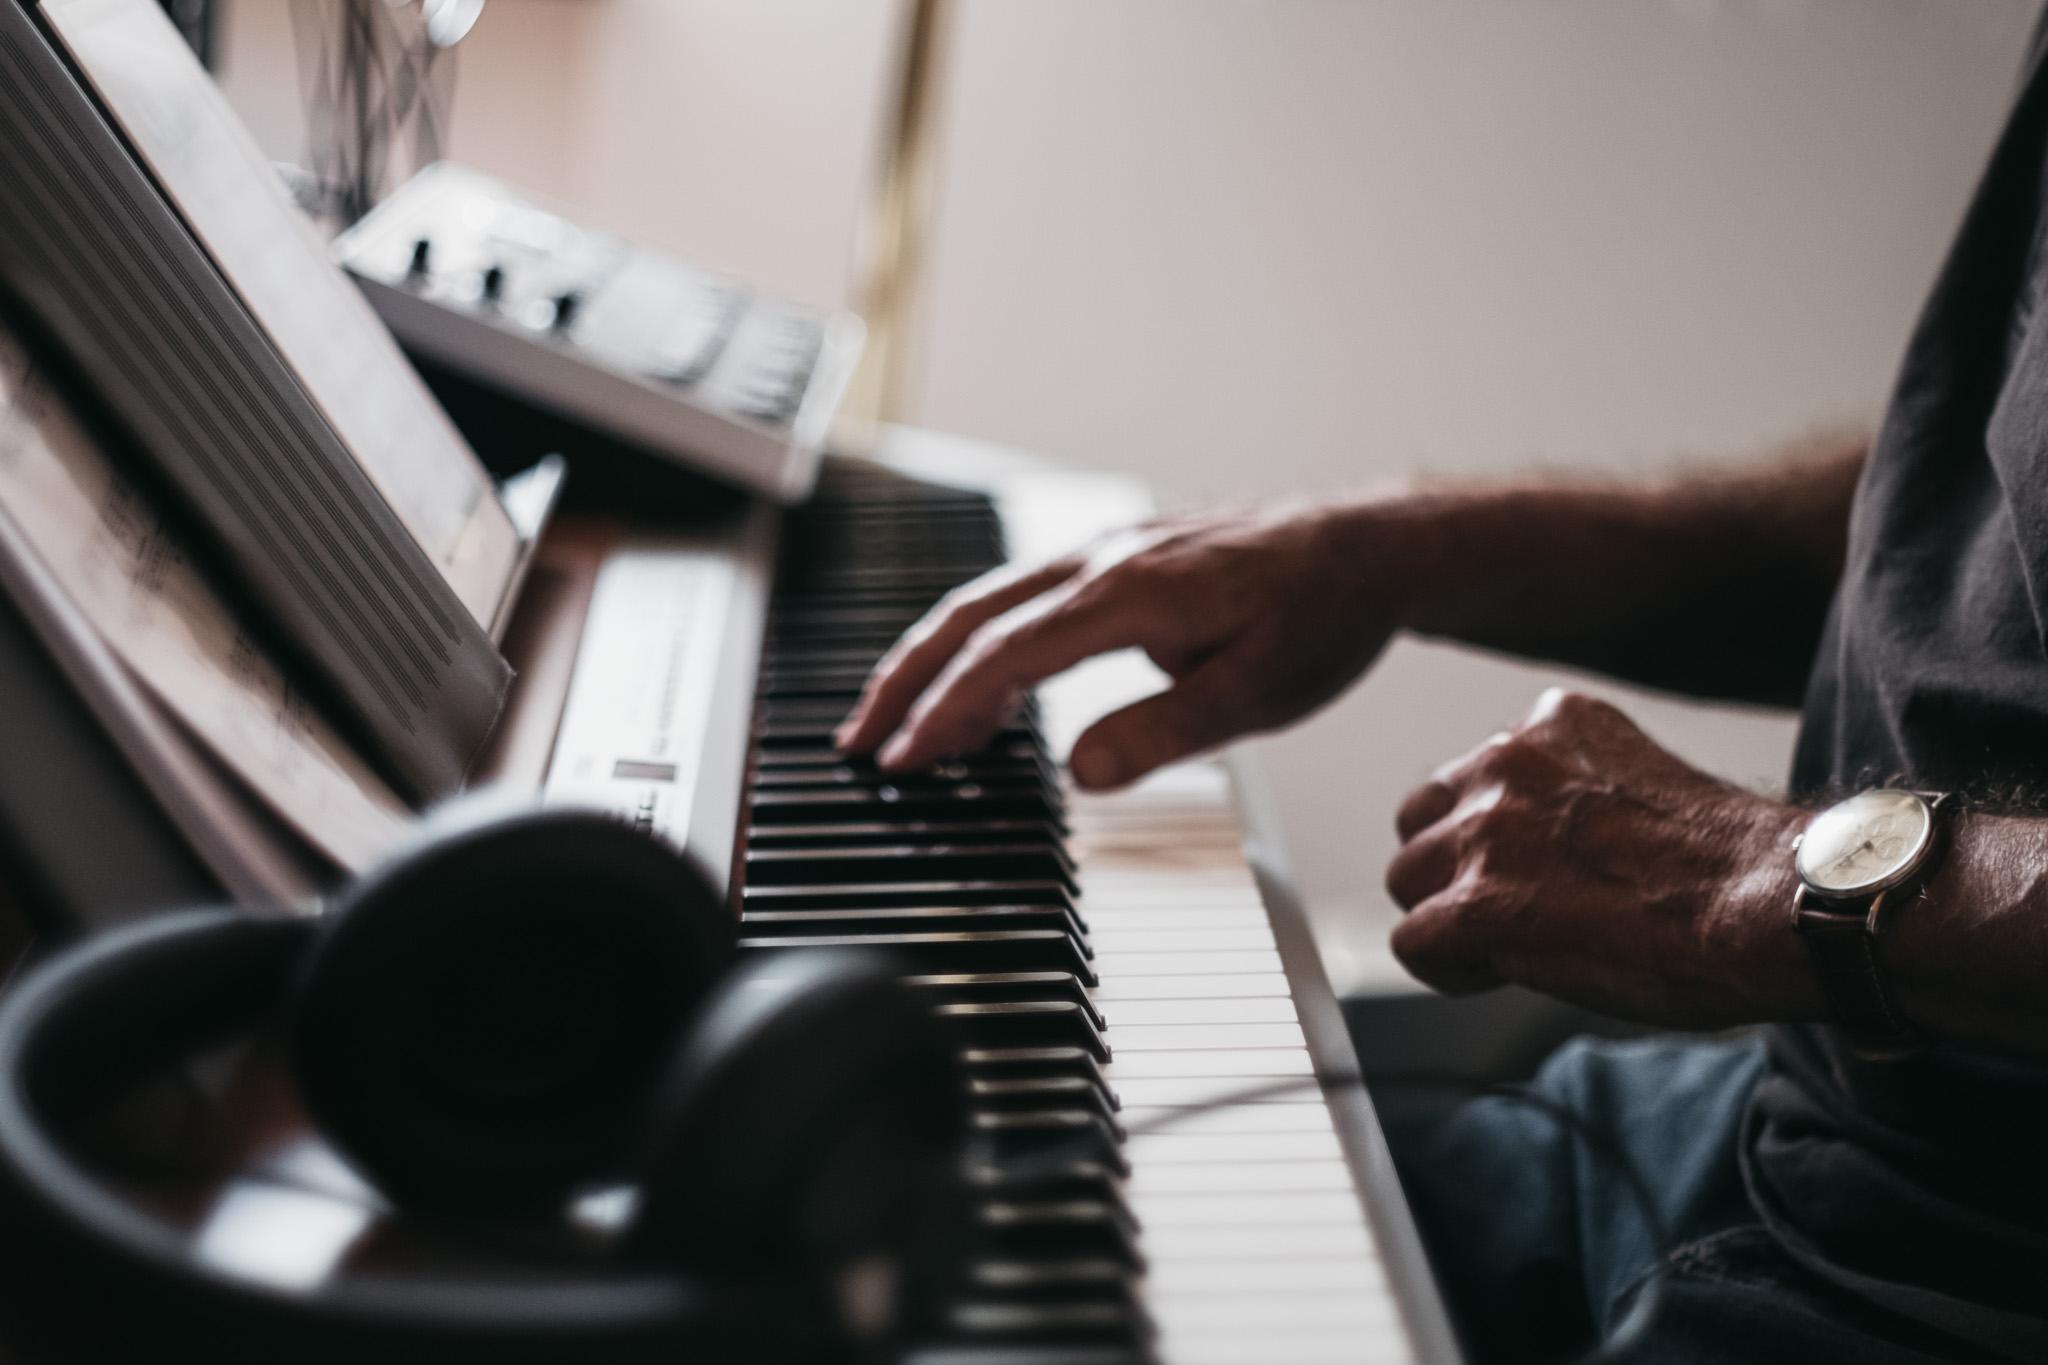 Klavir-Spielen